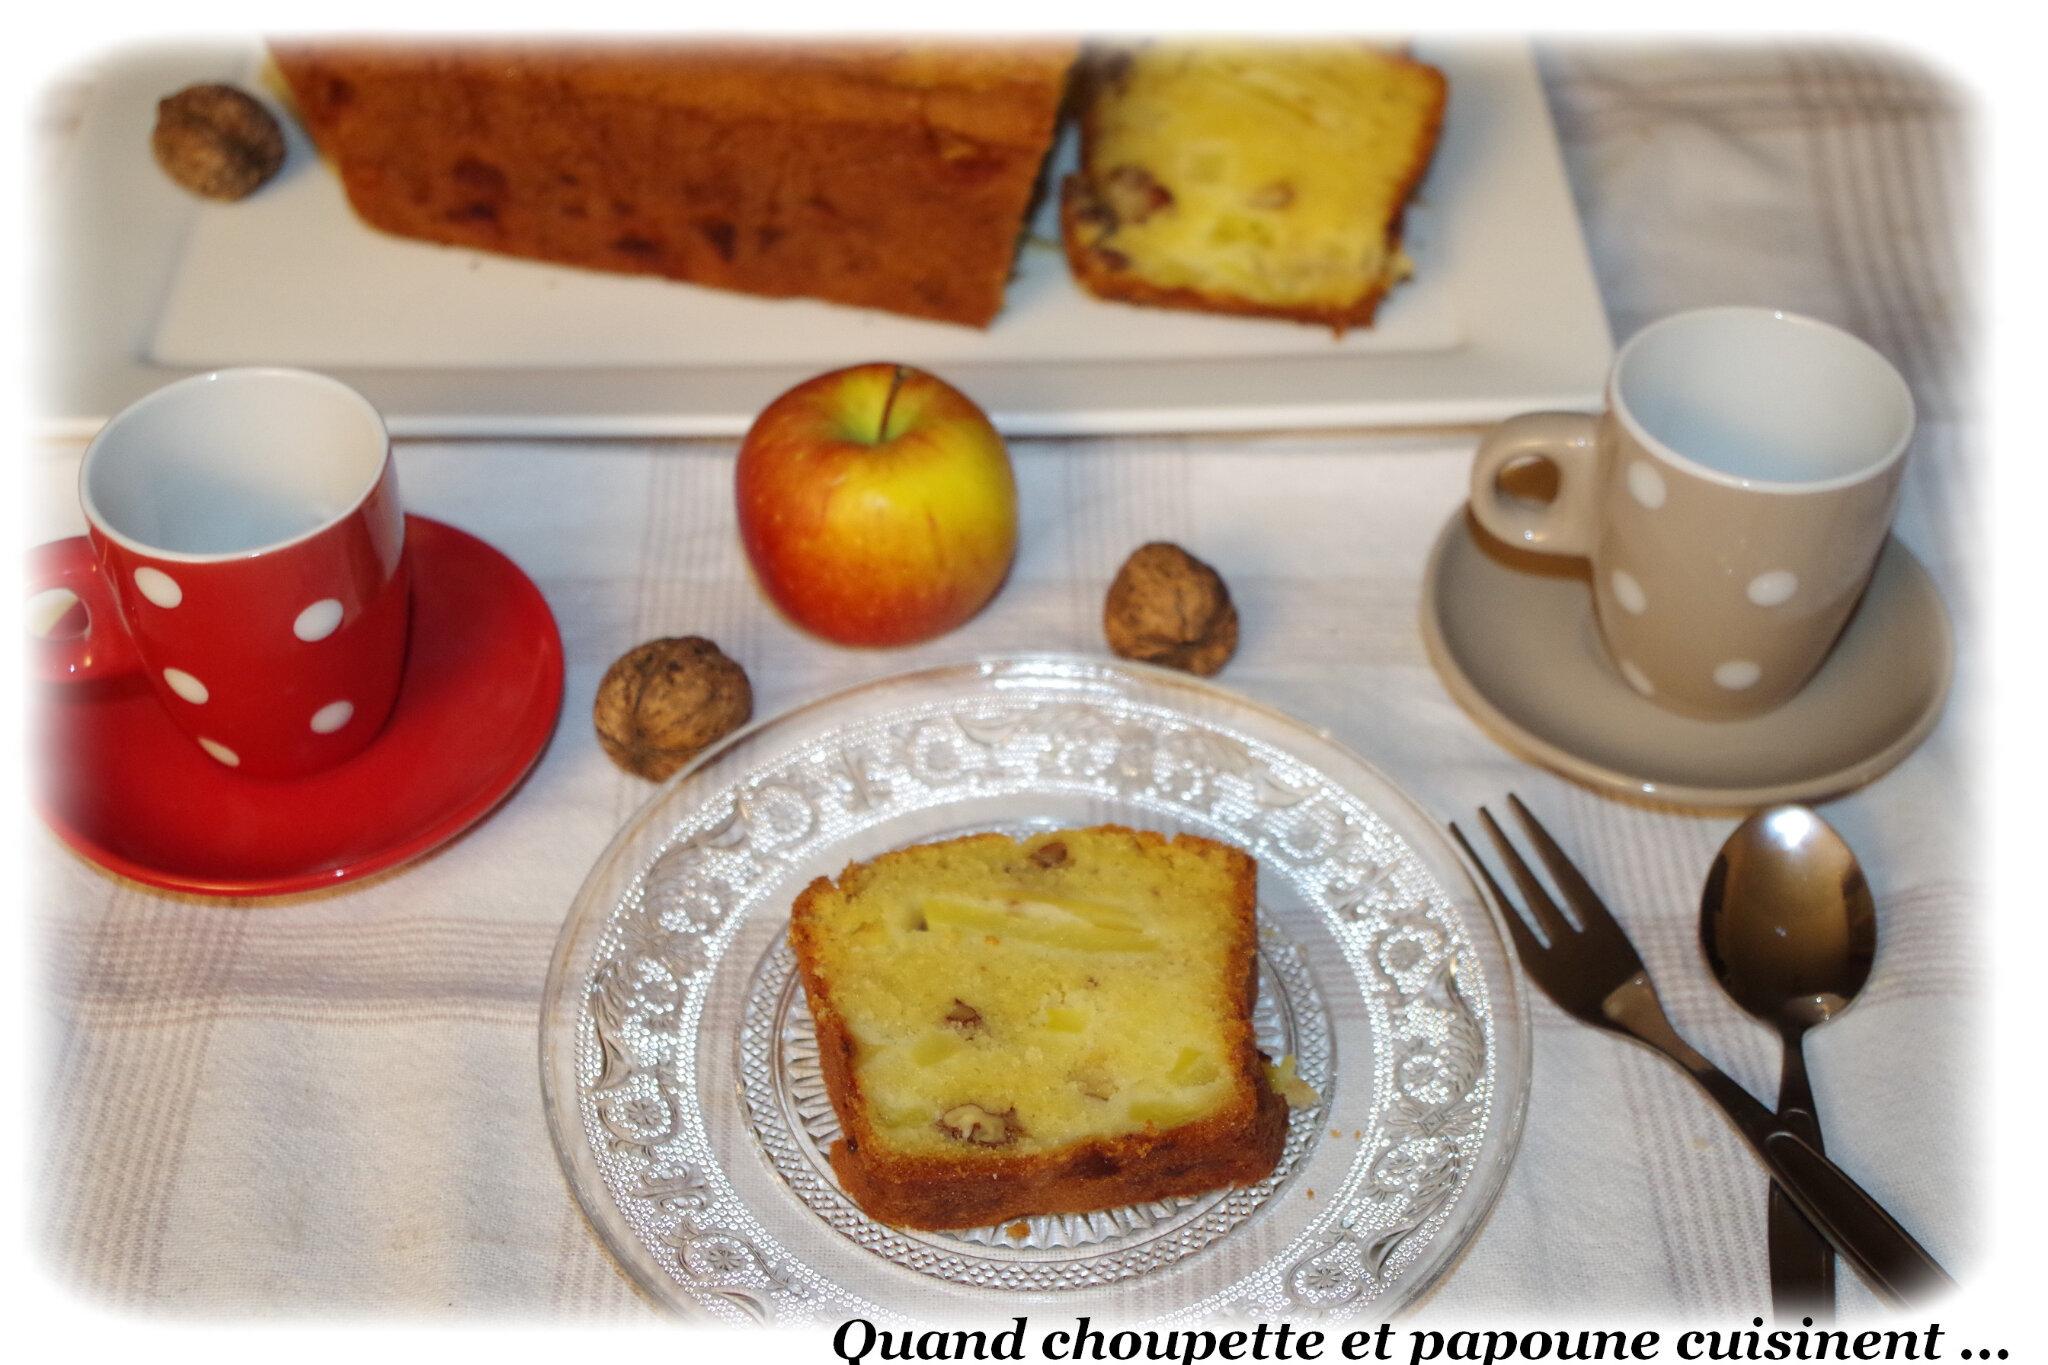 CAKE AUX POMMES ET AUX NOIX COMME DANS L'ANCIEN TEMPS ...